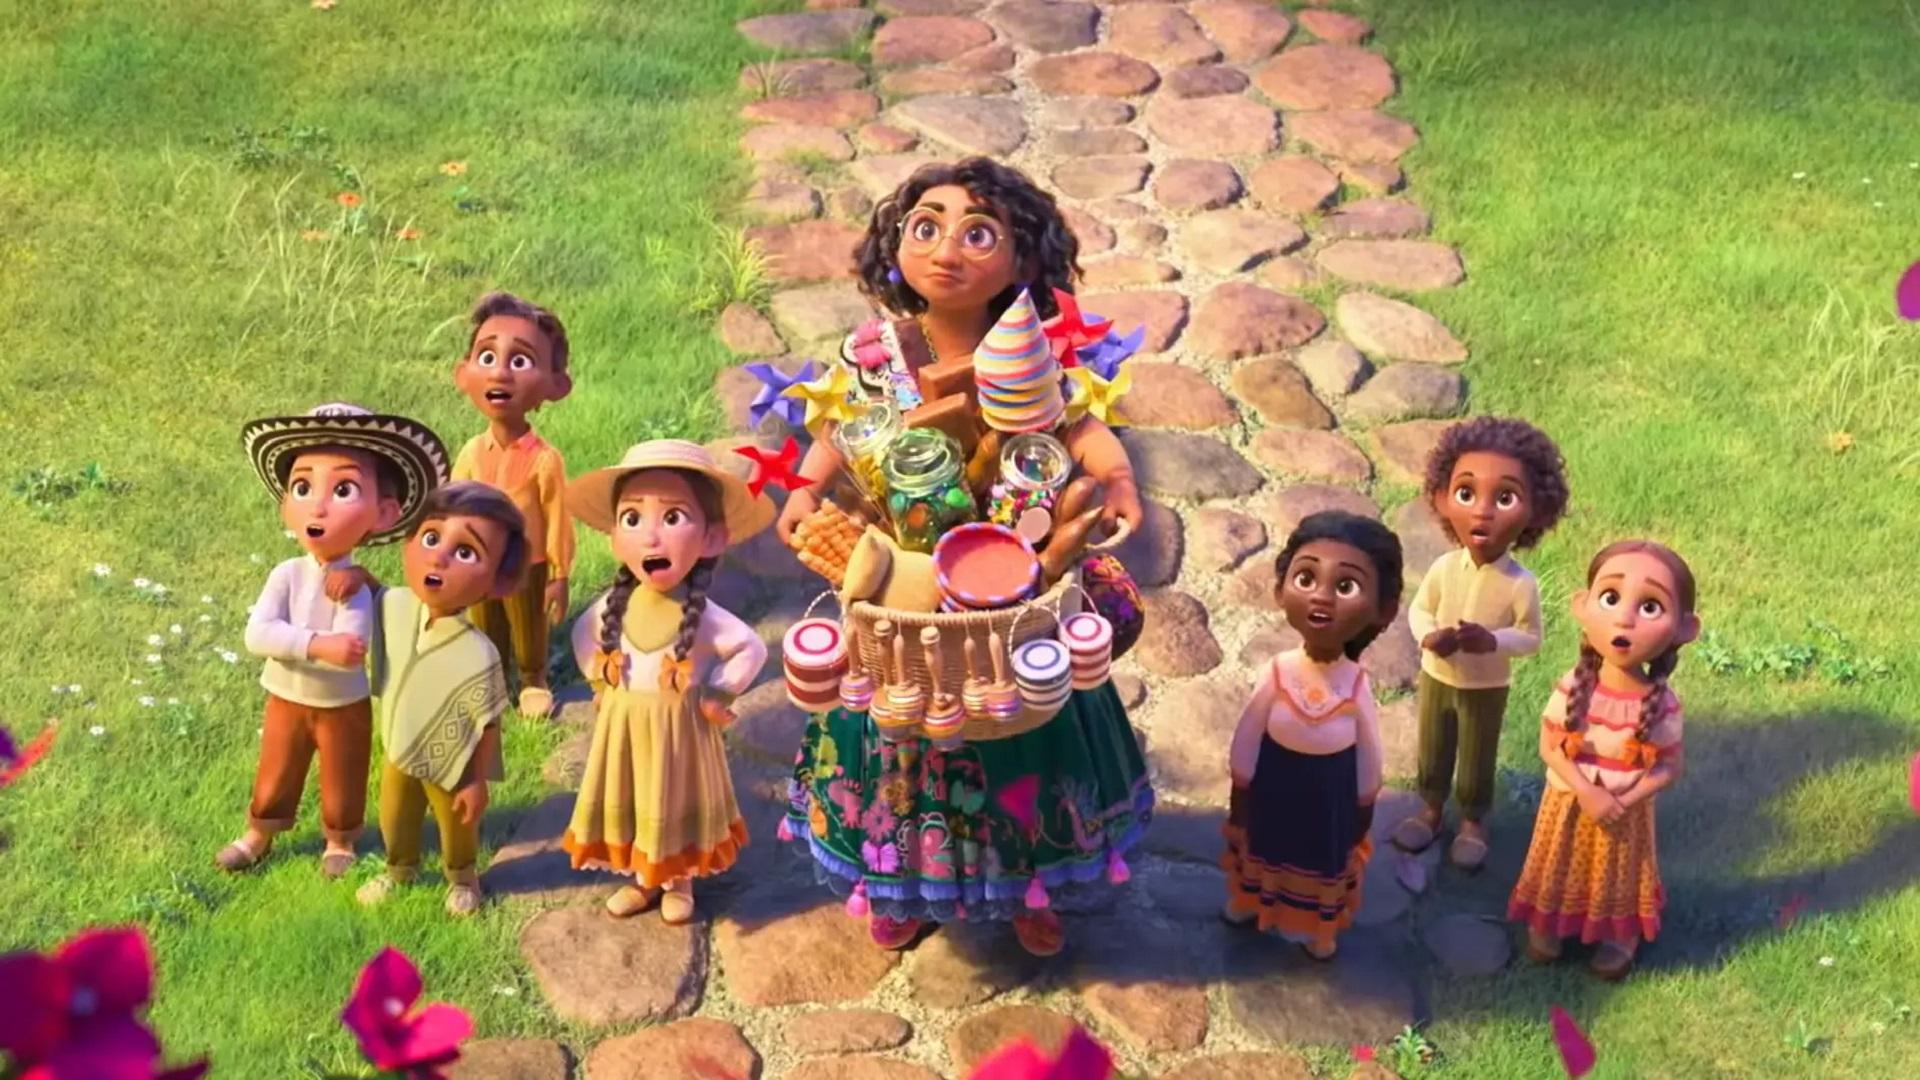 Este es el tráiler de la película Encanto de Disney, inspirada en Colombia